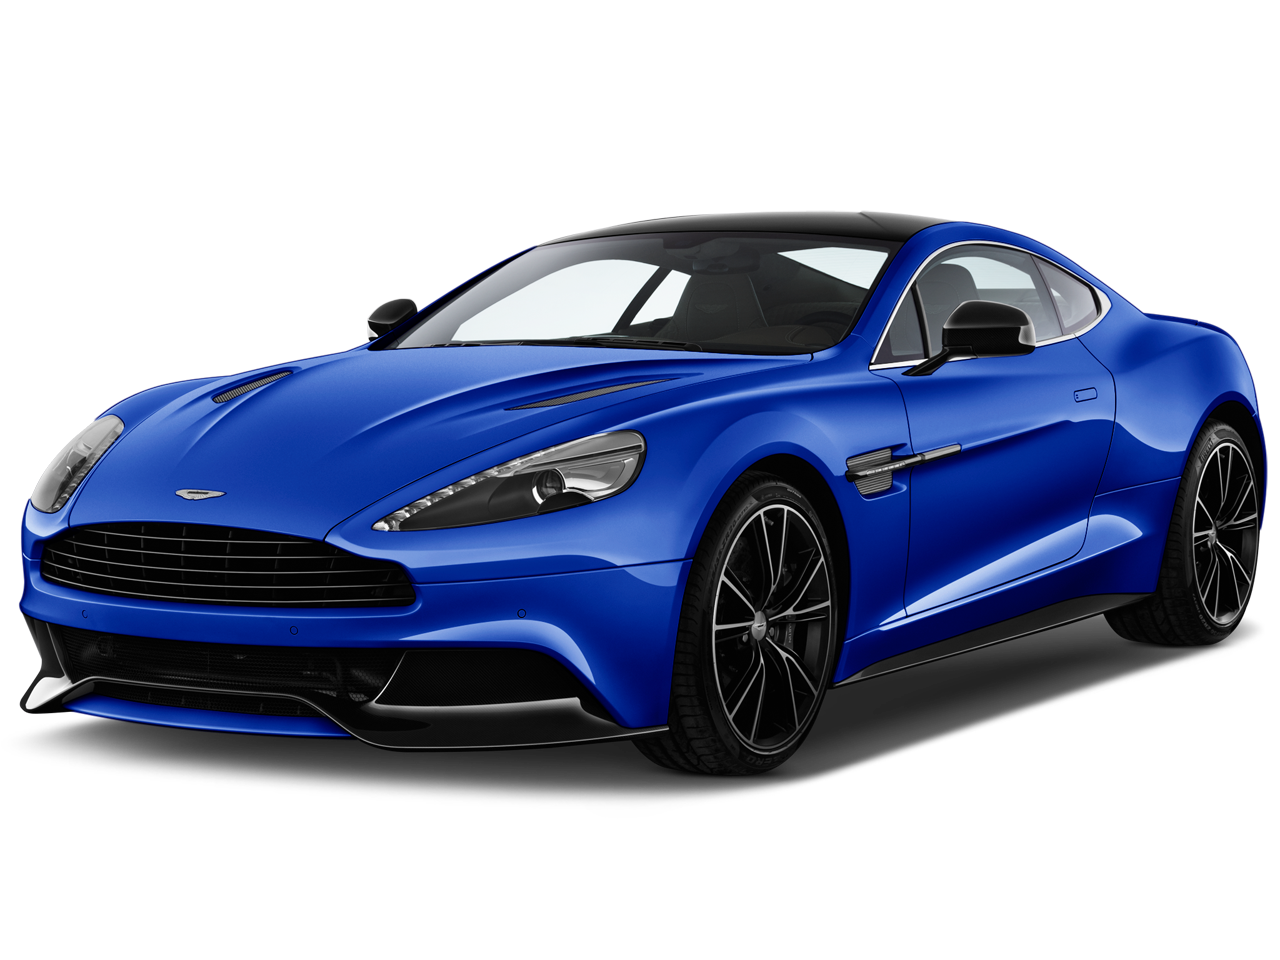 Aston Martin Vanquish In Cobalt Blue Aston Martin Cars Aston Martin Aston Martin Vanquish